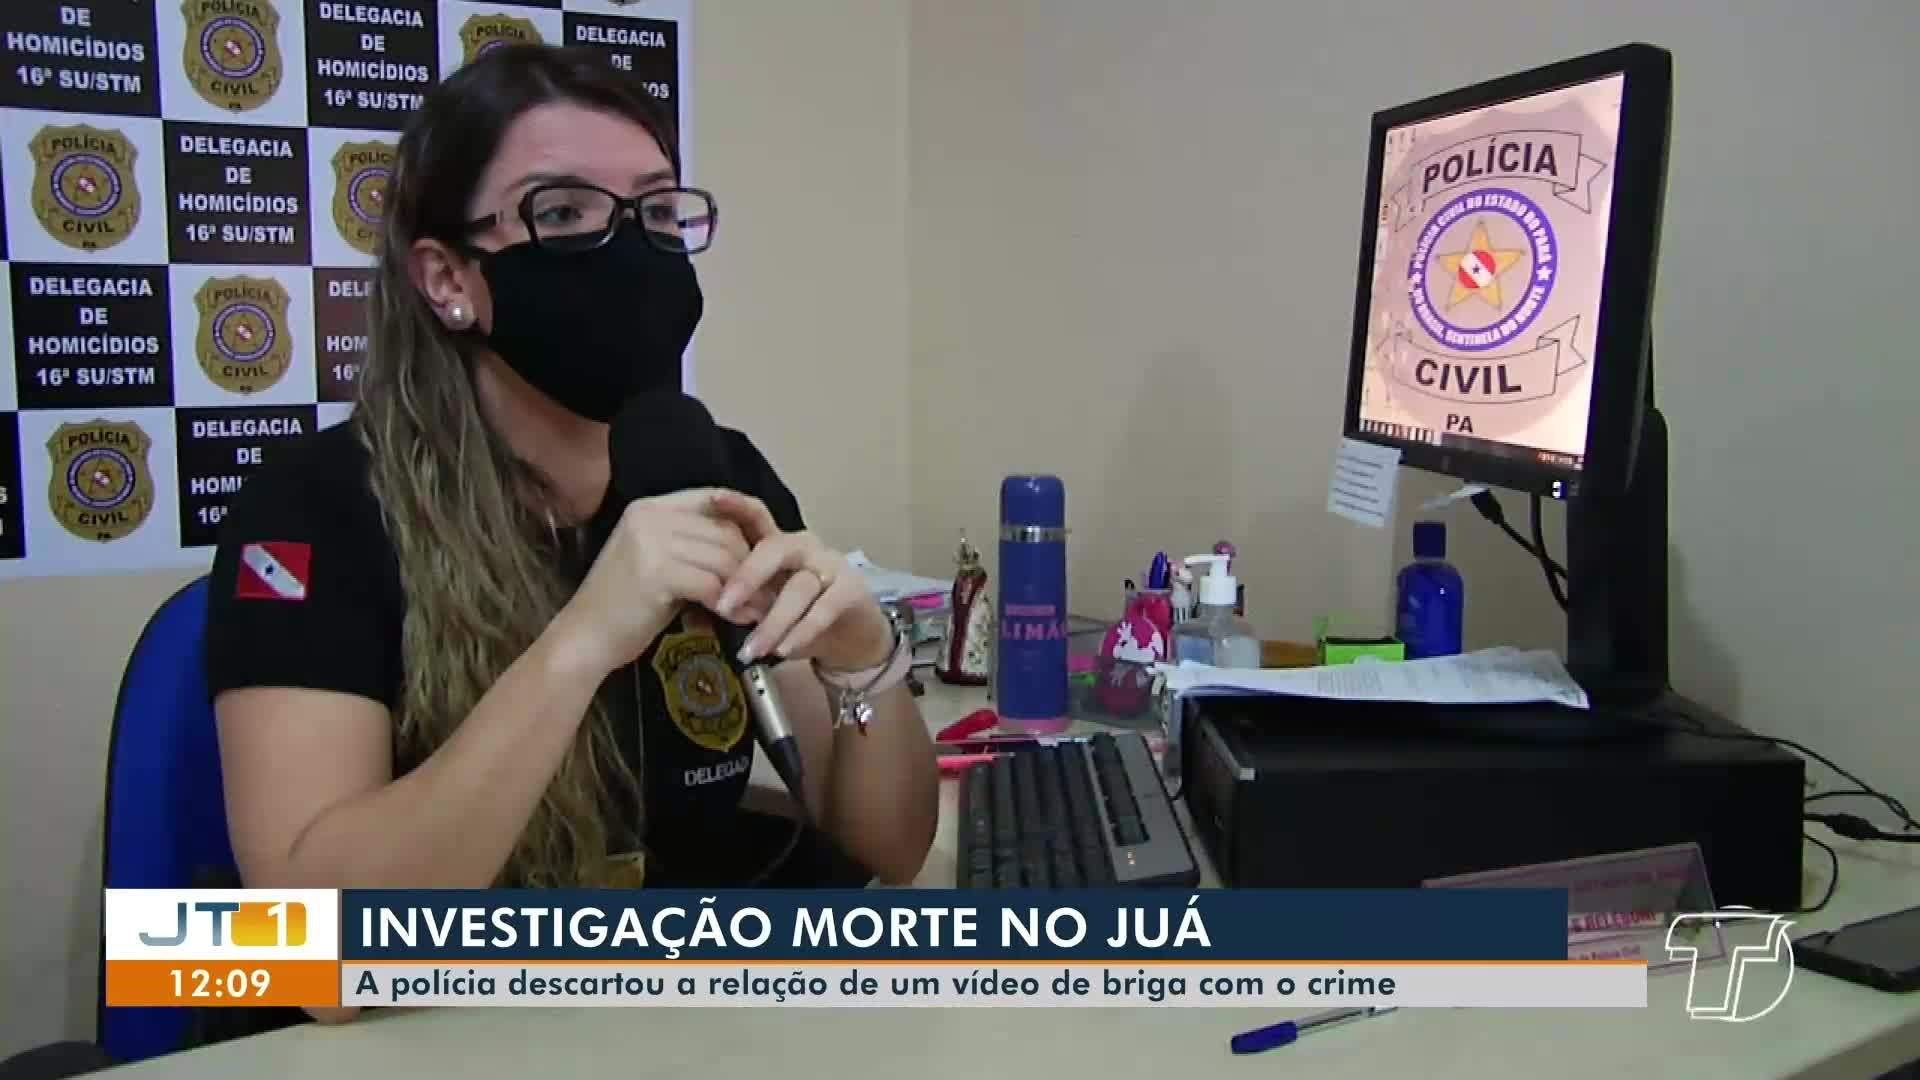 VÍDEOS: Jornal Tapajós 1ª Edição de sexta-feira, 10 de julho de 2020